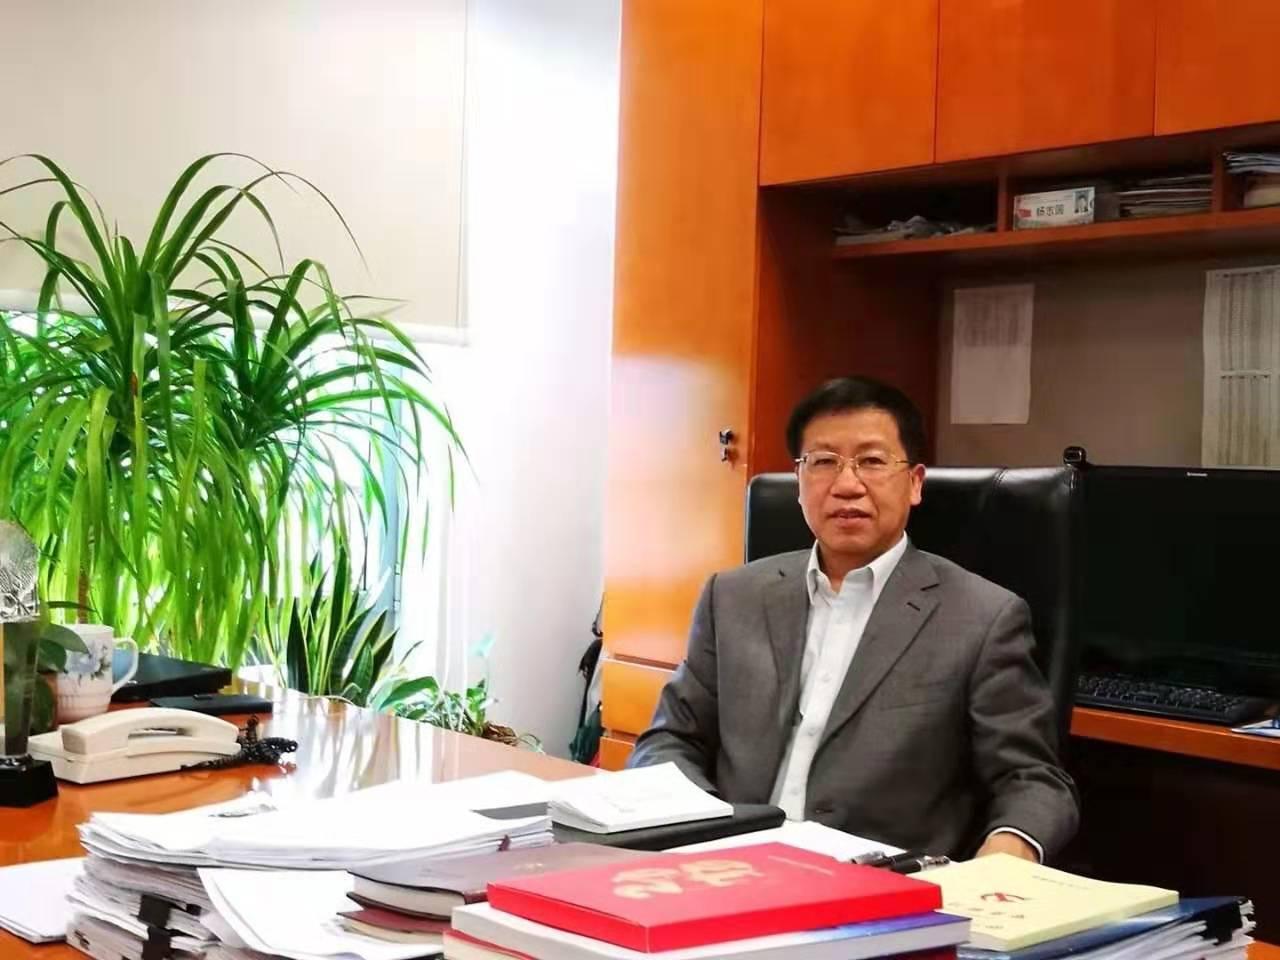 http://www.reviewcode.cn/bianchengyuyan/57578.html